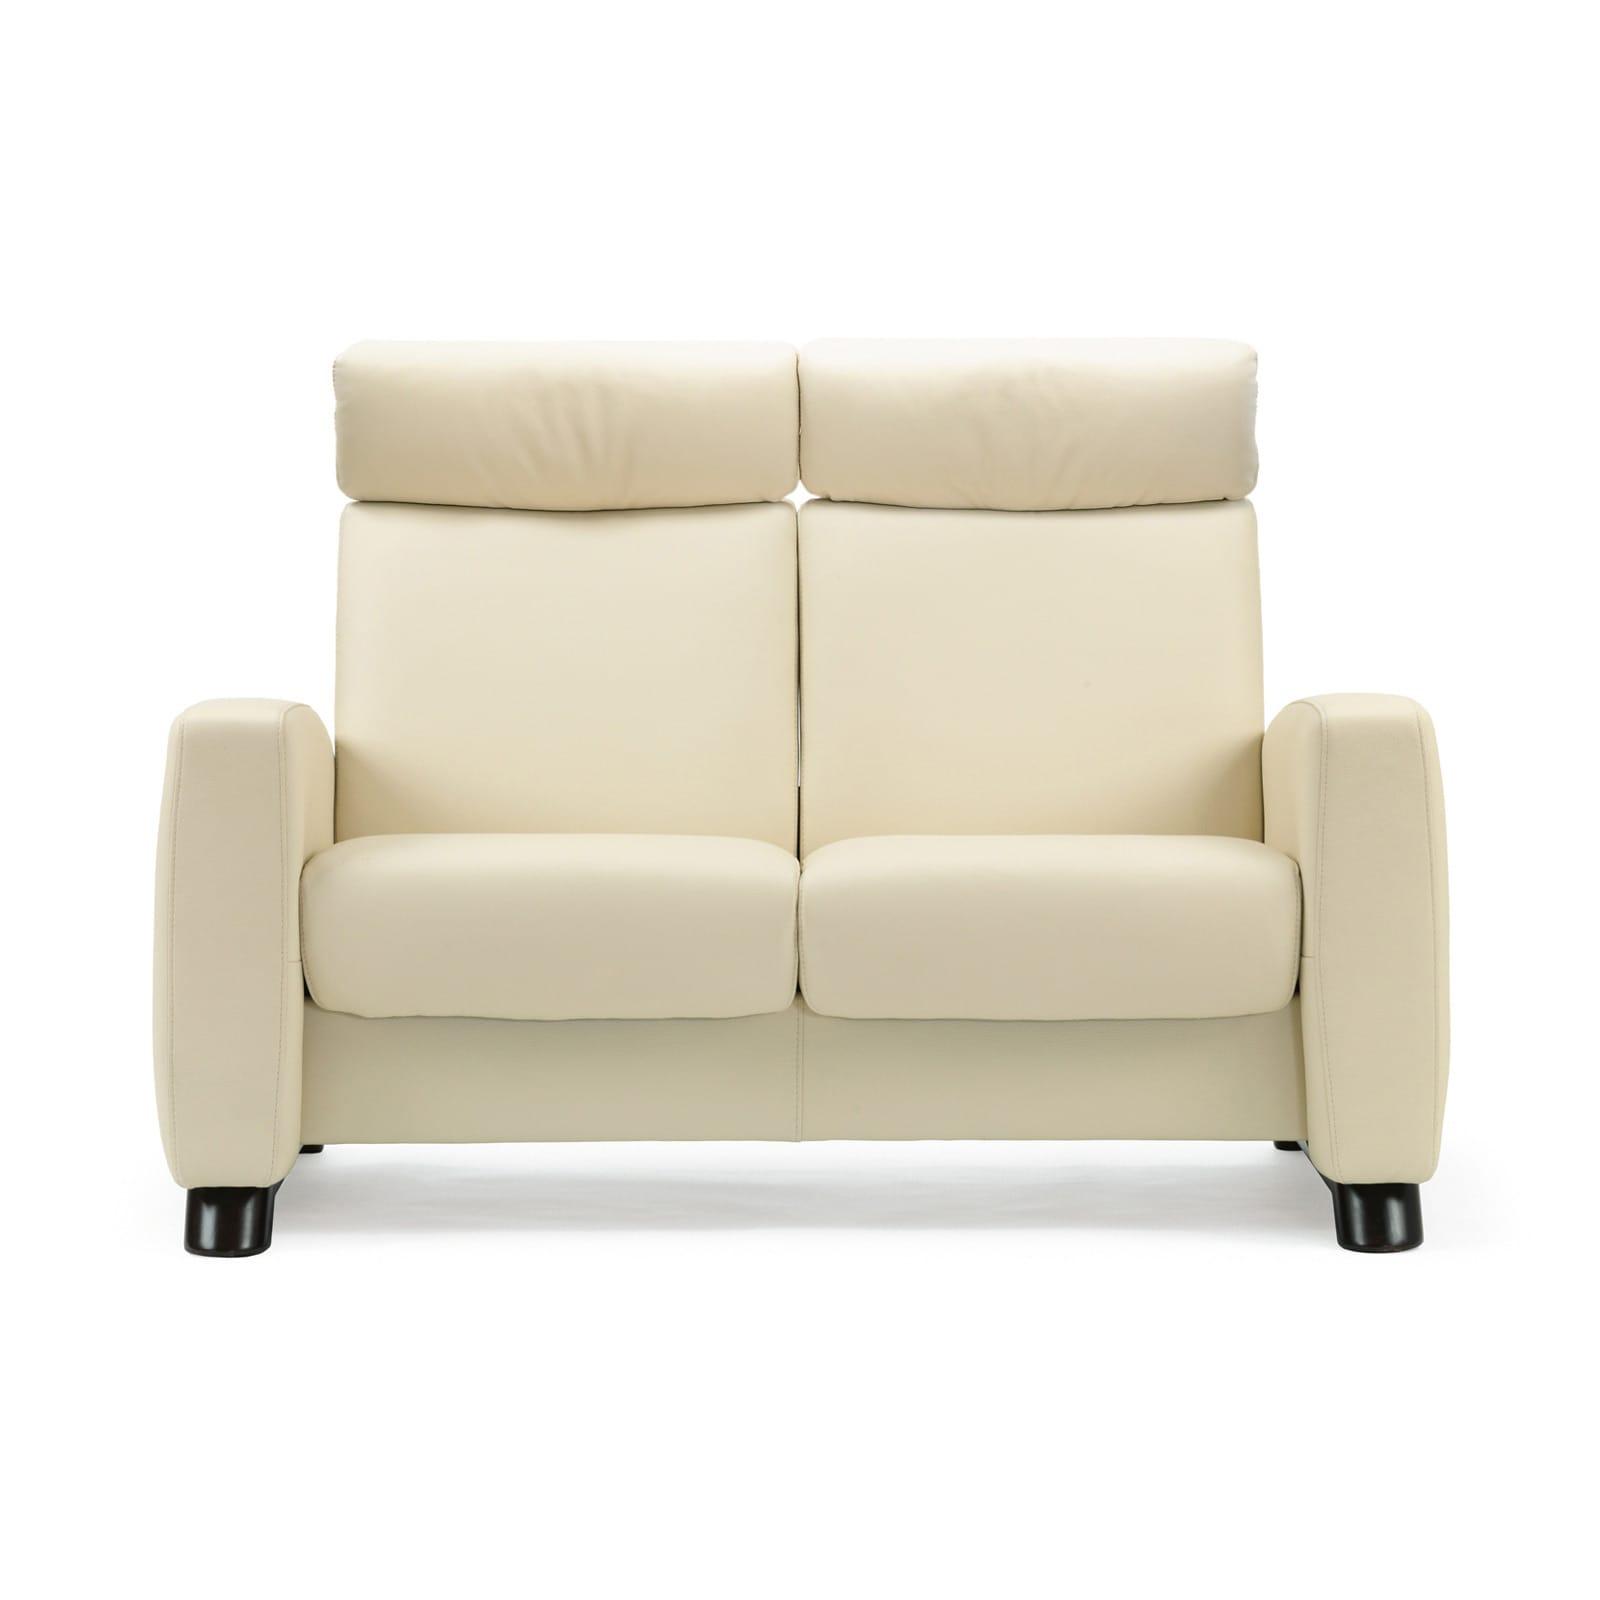 stressless sofa 2 sitzer arion m hoch vanilla schwarz. Black Bedroom Furniture Sets. Home Design Ideas